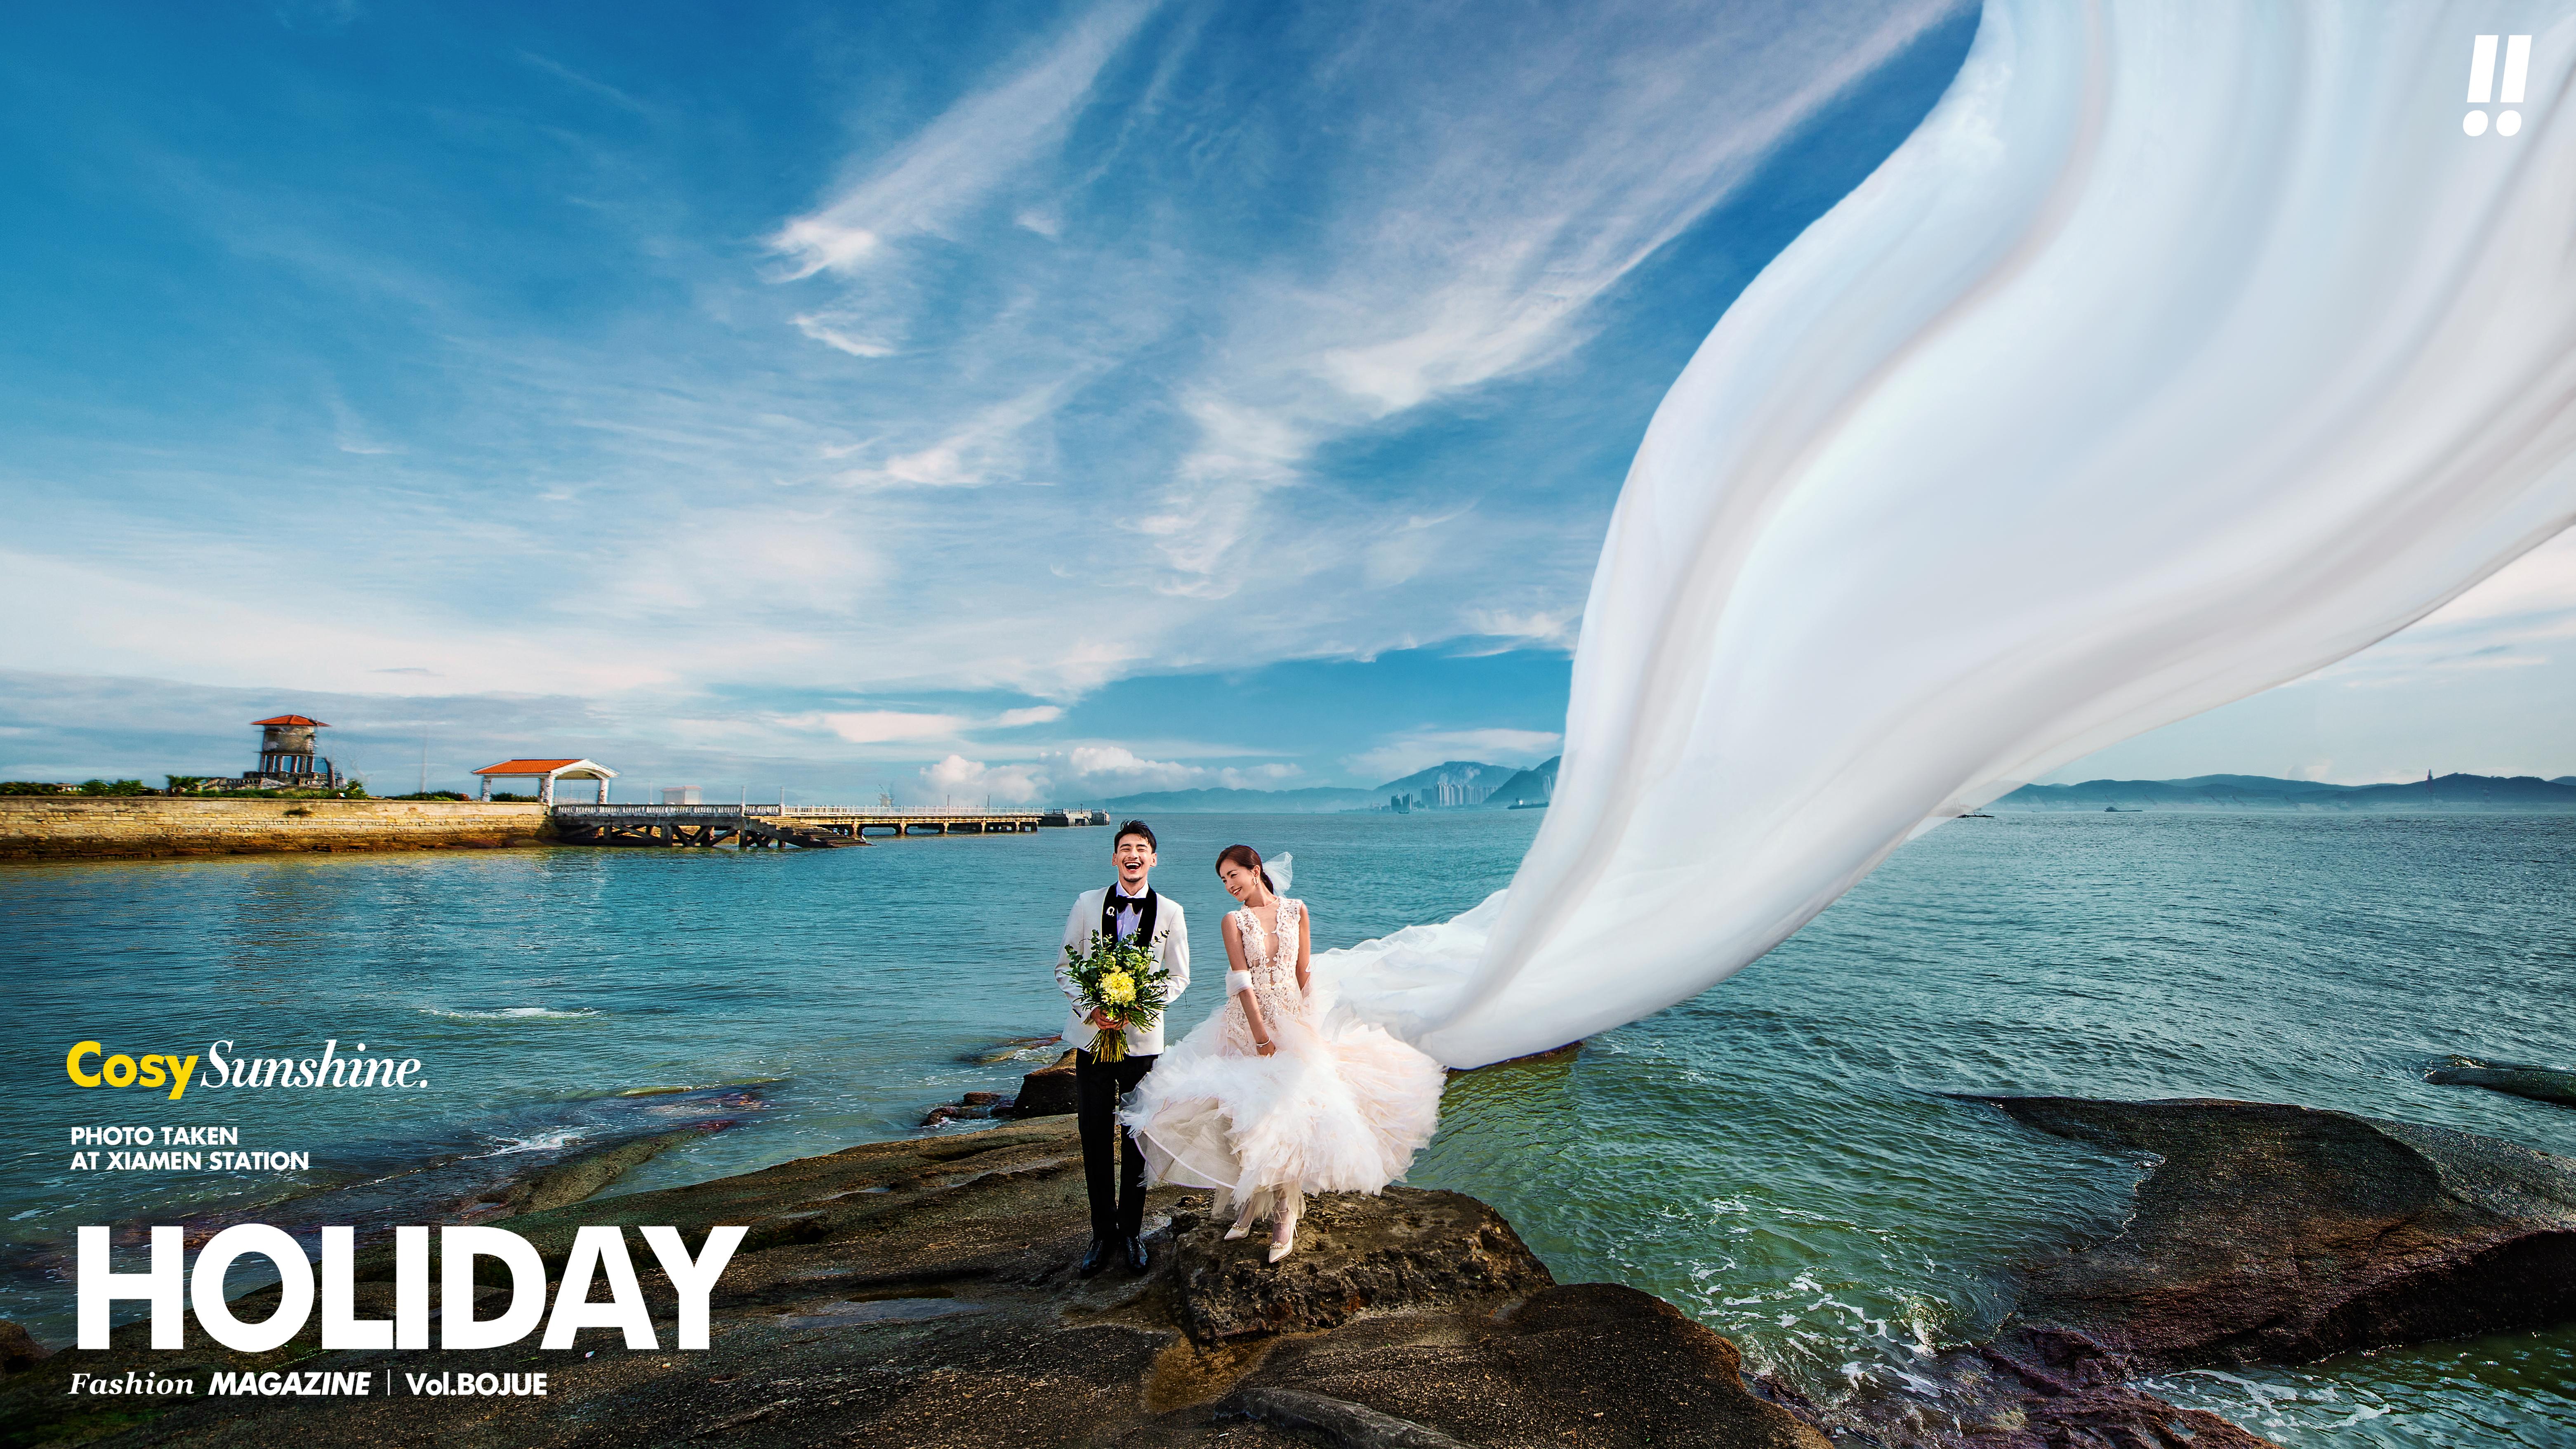 厦门哪个季节旅拍婚纱照温度比较合适?哪里比较好?